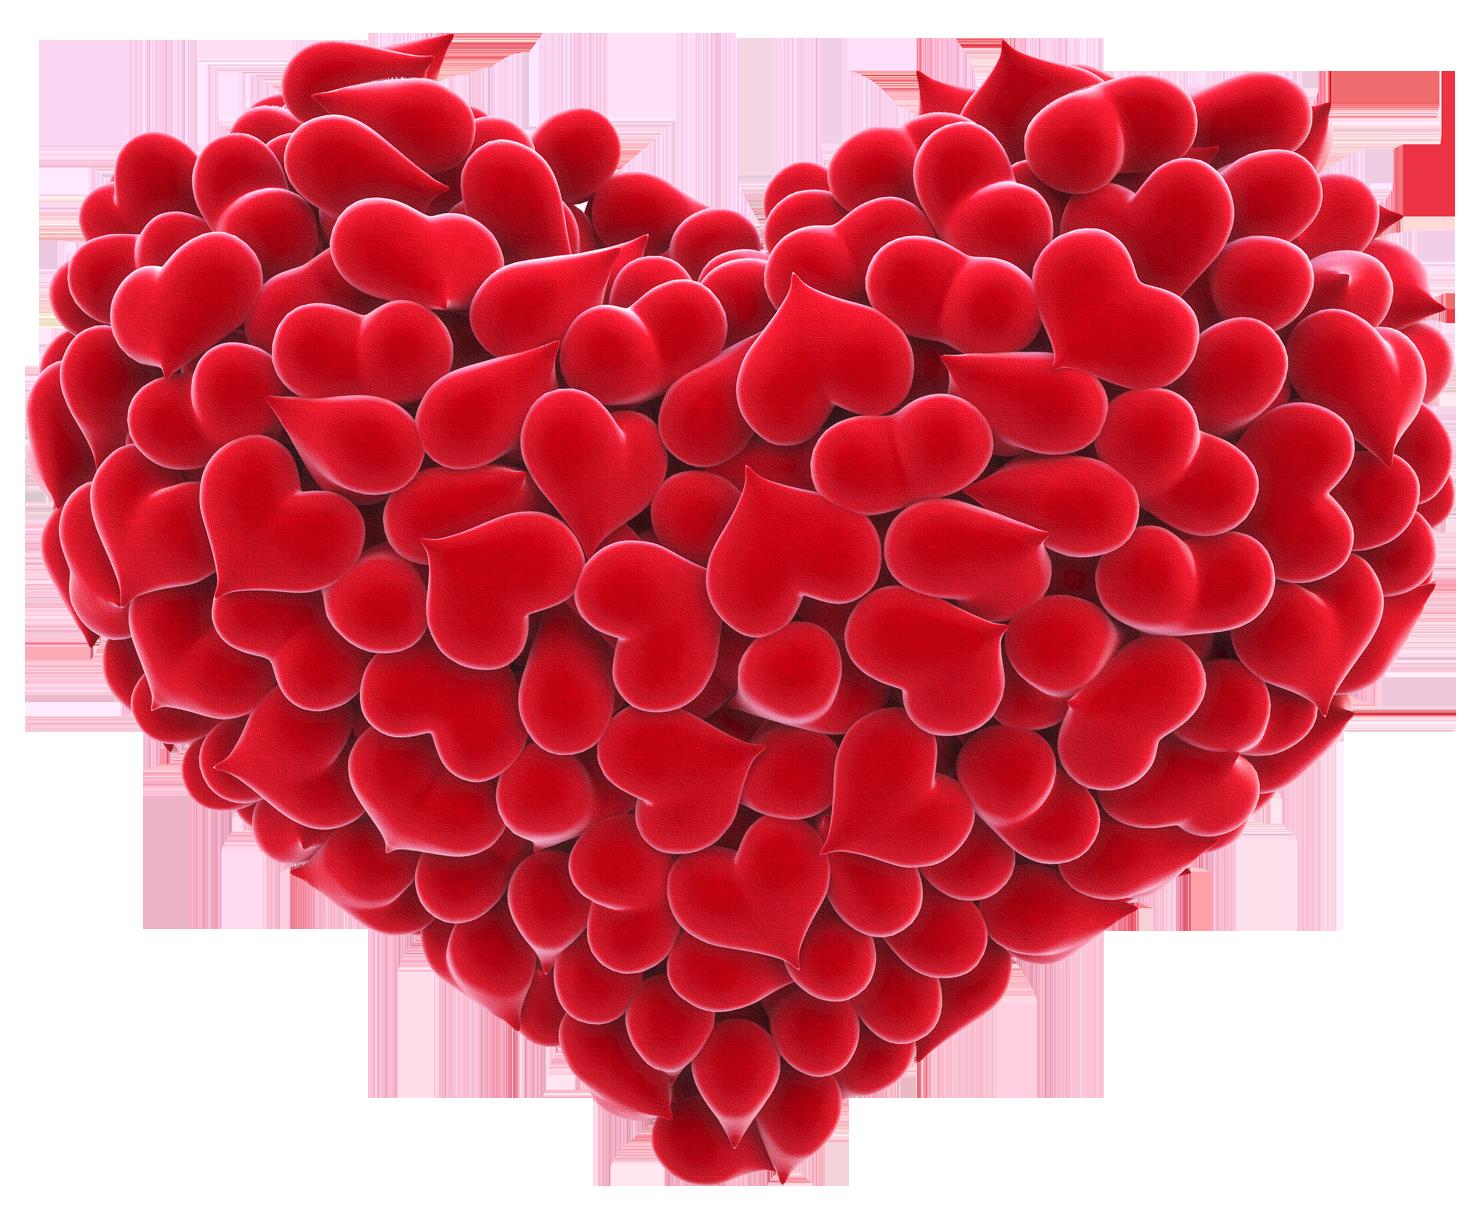 Картинки сердец красных